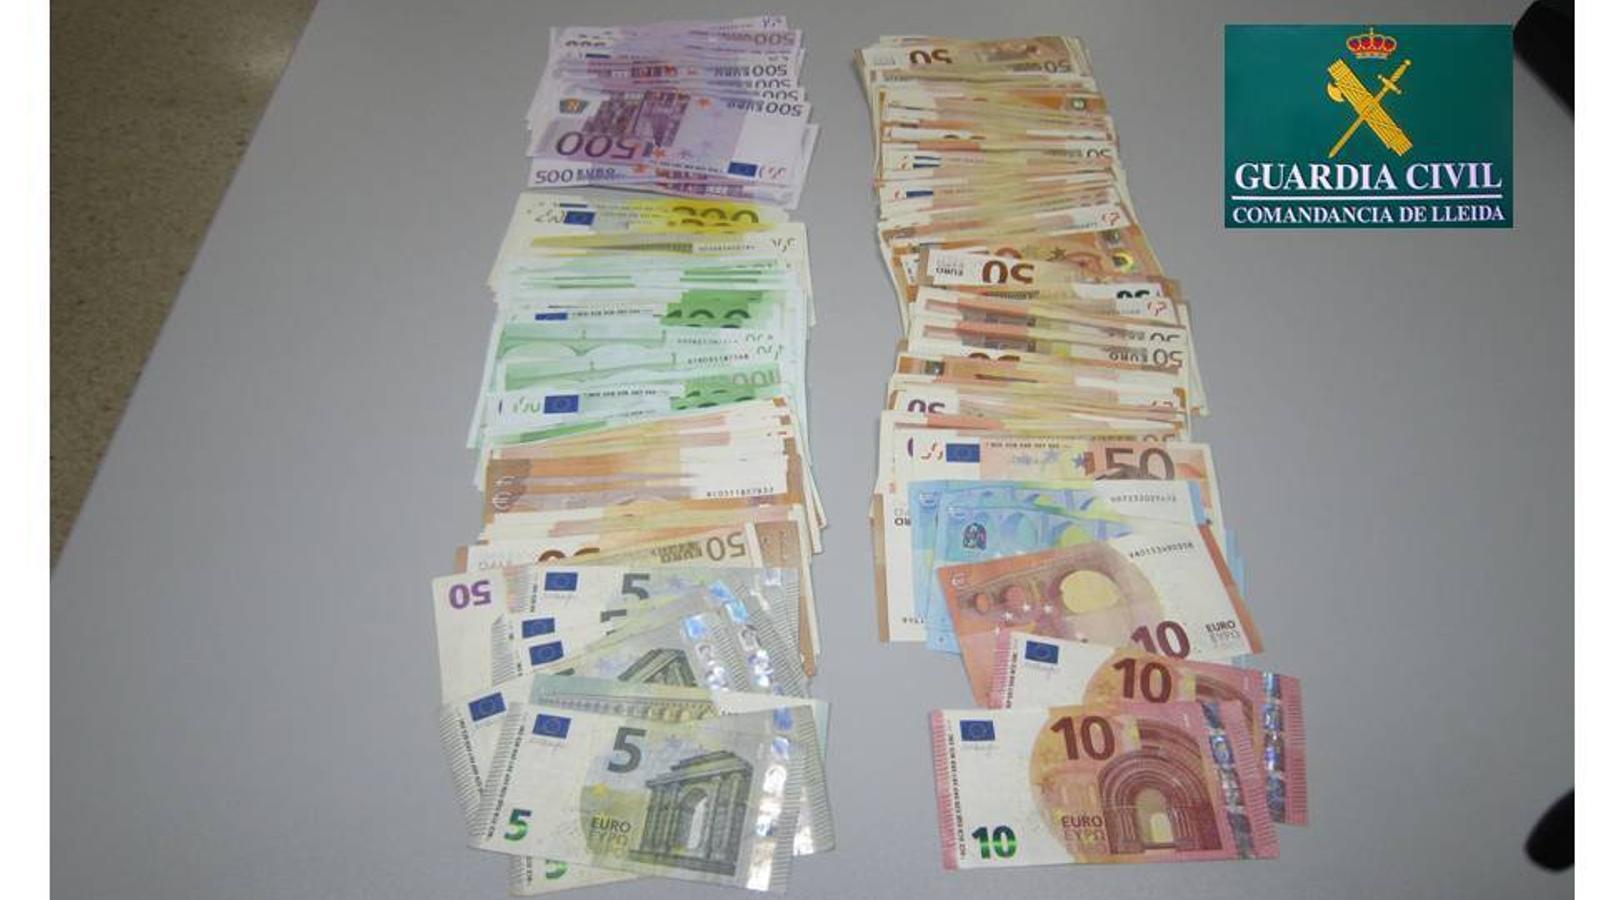 Els diners interceptats. / Guàrdia Civil